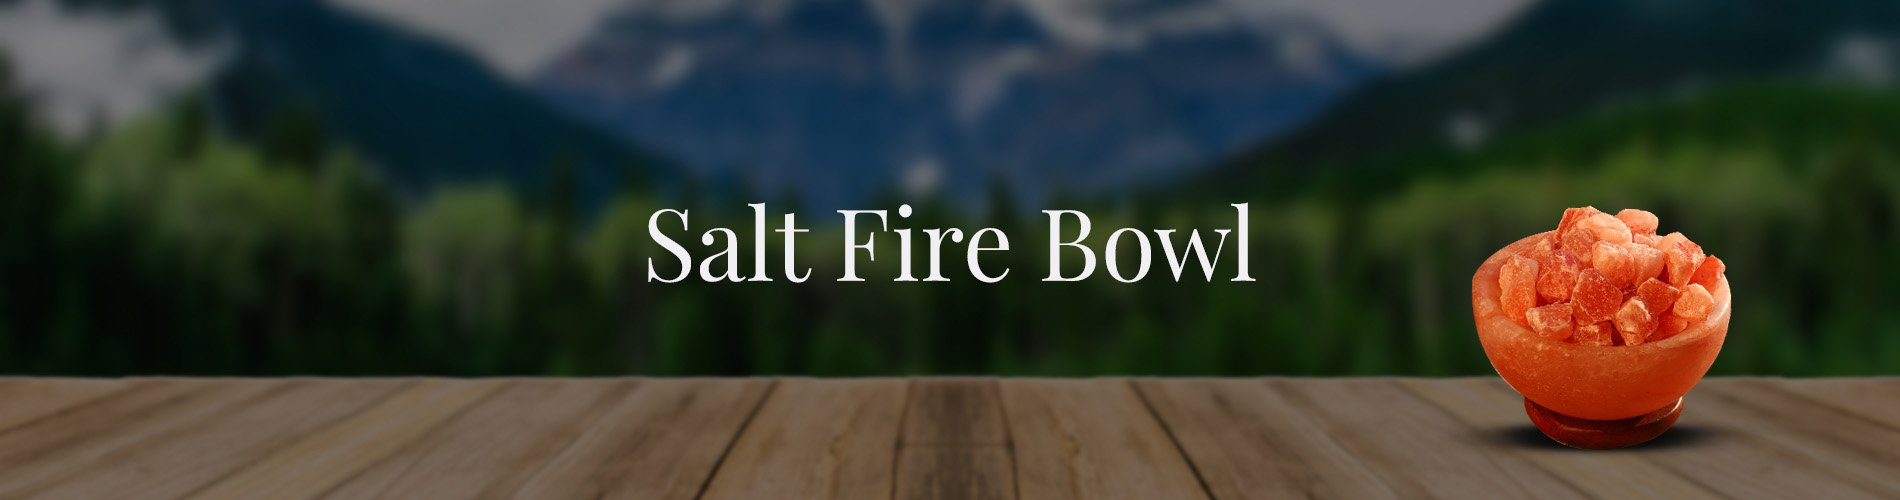 Salt Fire Bowl Banner Image